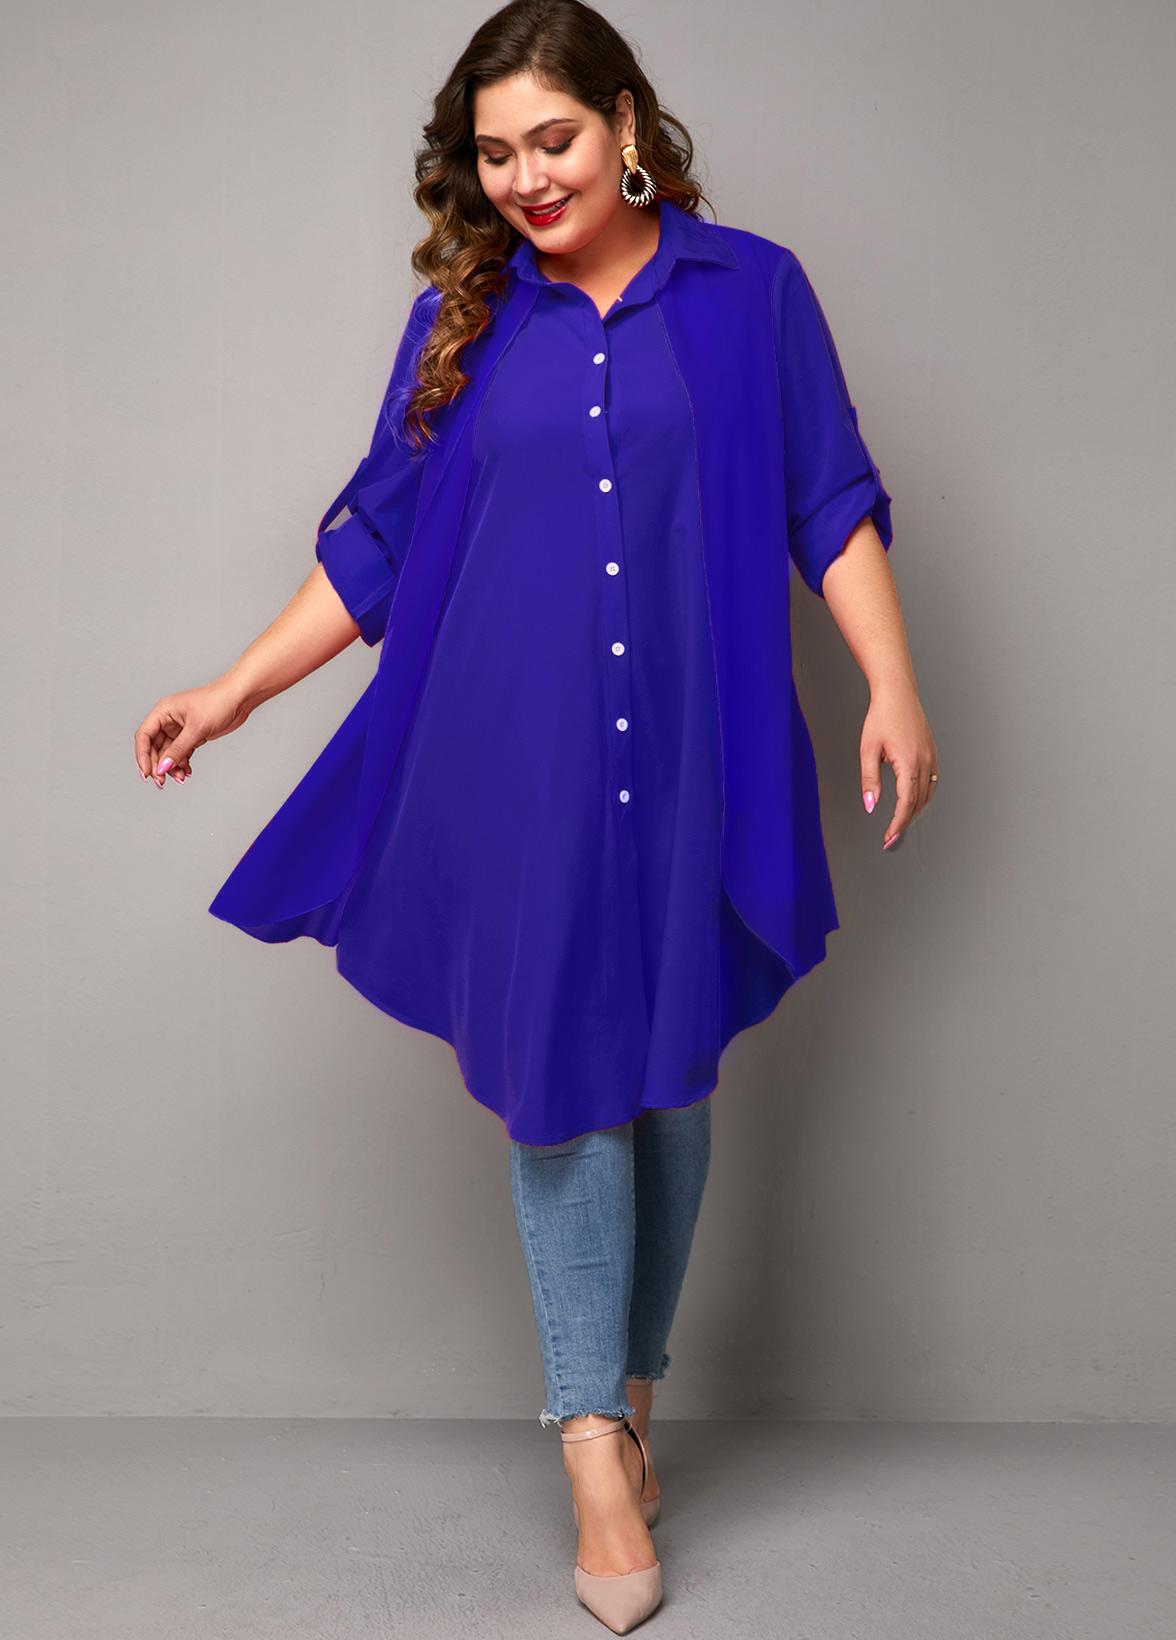 Button Up Asymmetric Hem Plus Size Blouse